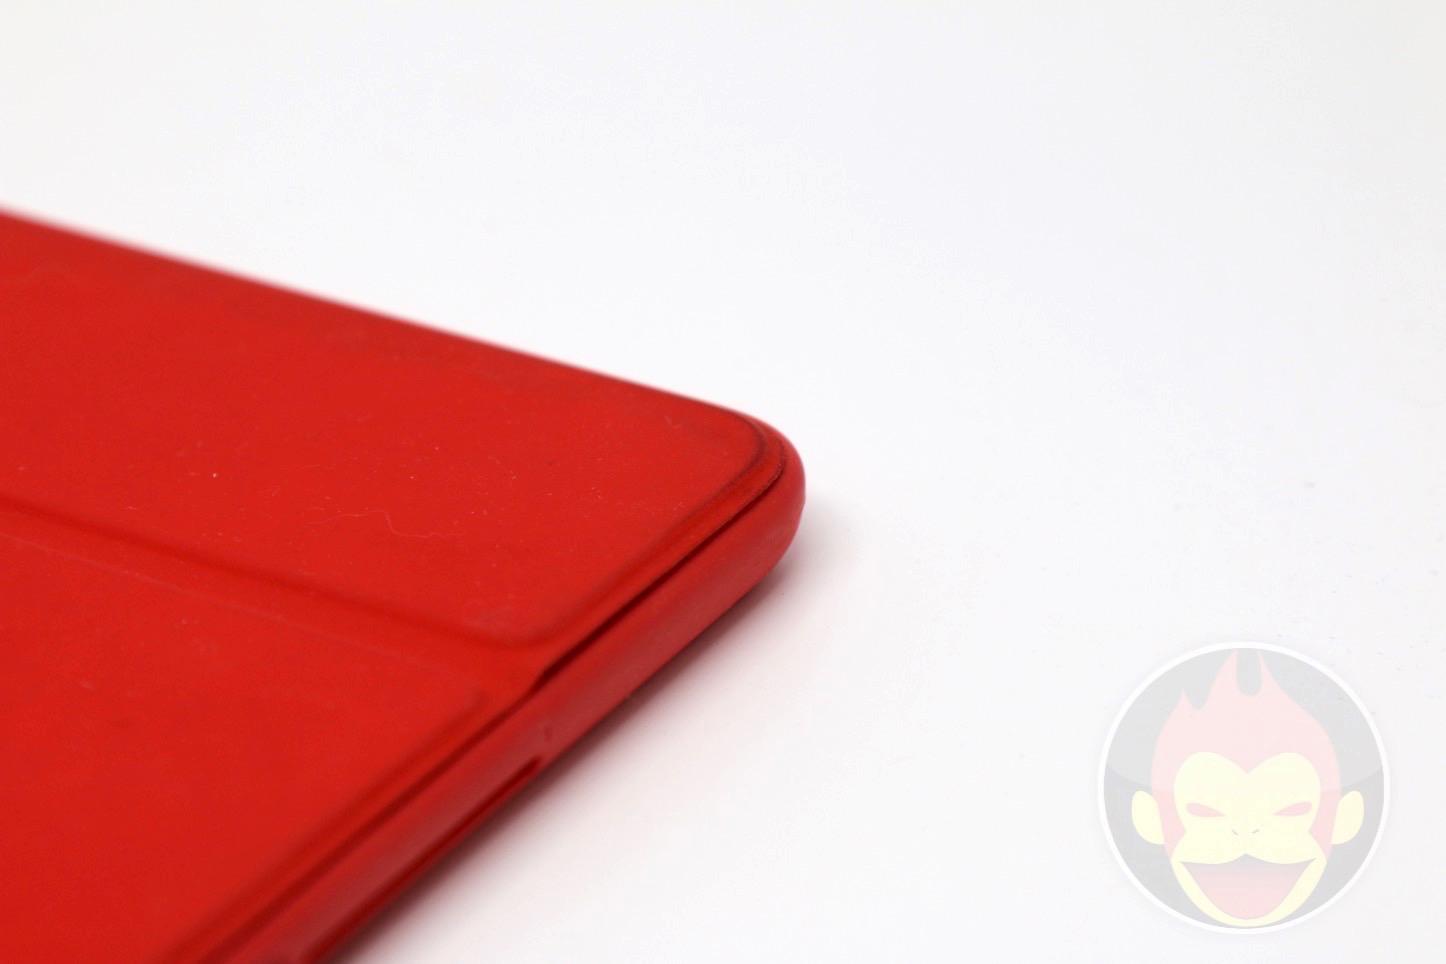 AndMesh-Mesh-Case-for-iPad-Air-2-15.JPG